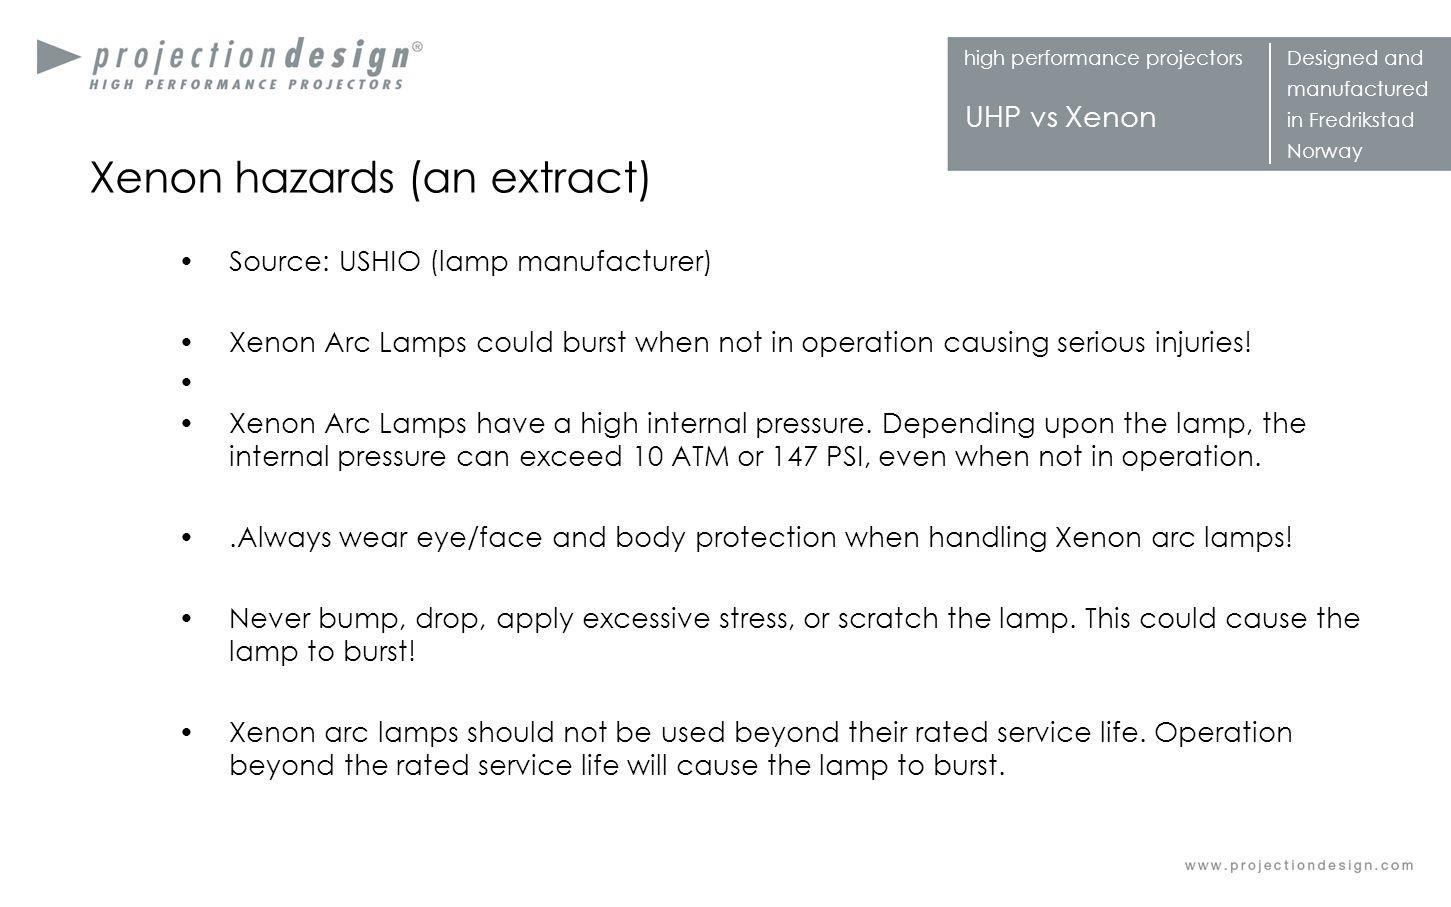 Xenon hazards (an extract)